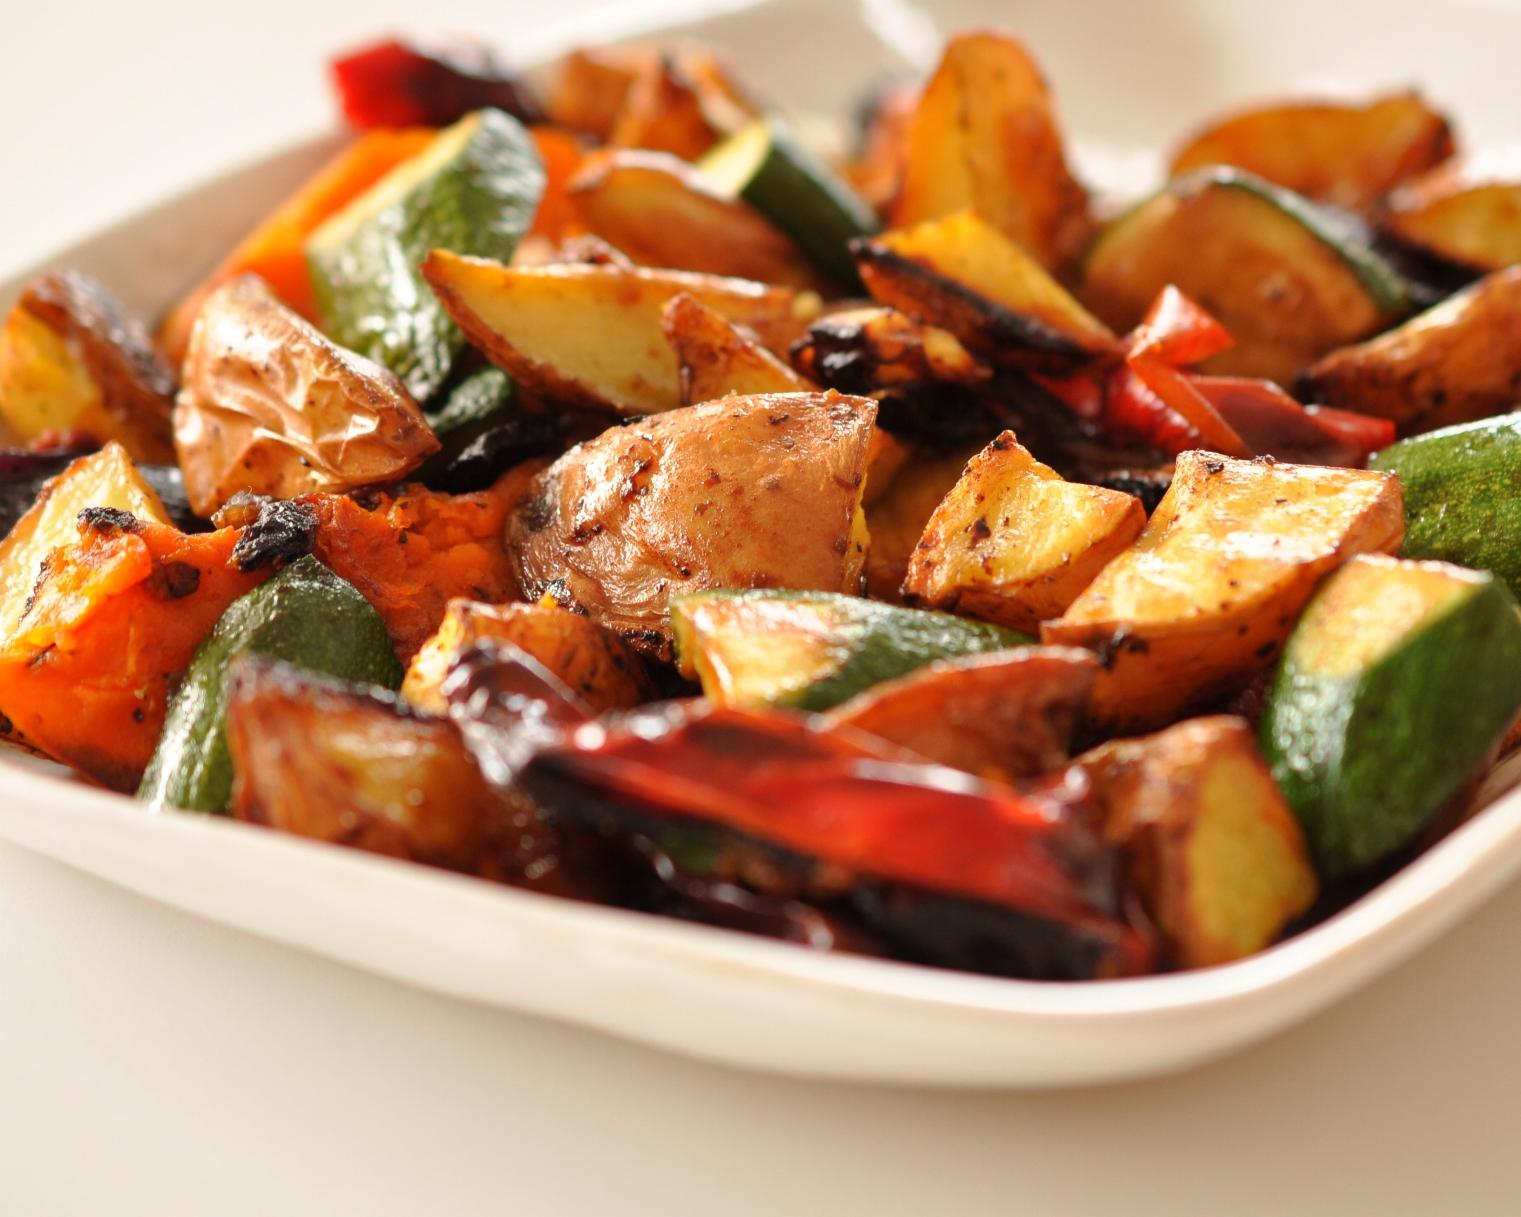 Simple roast vegetable salad